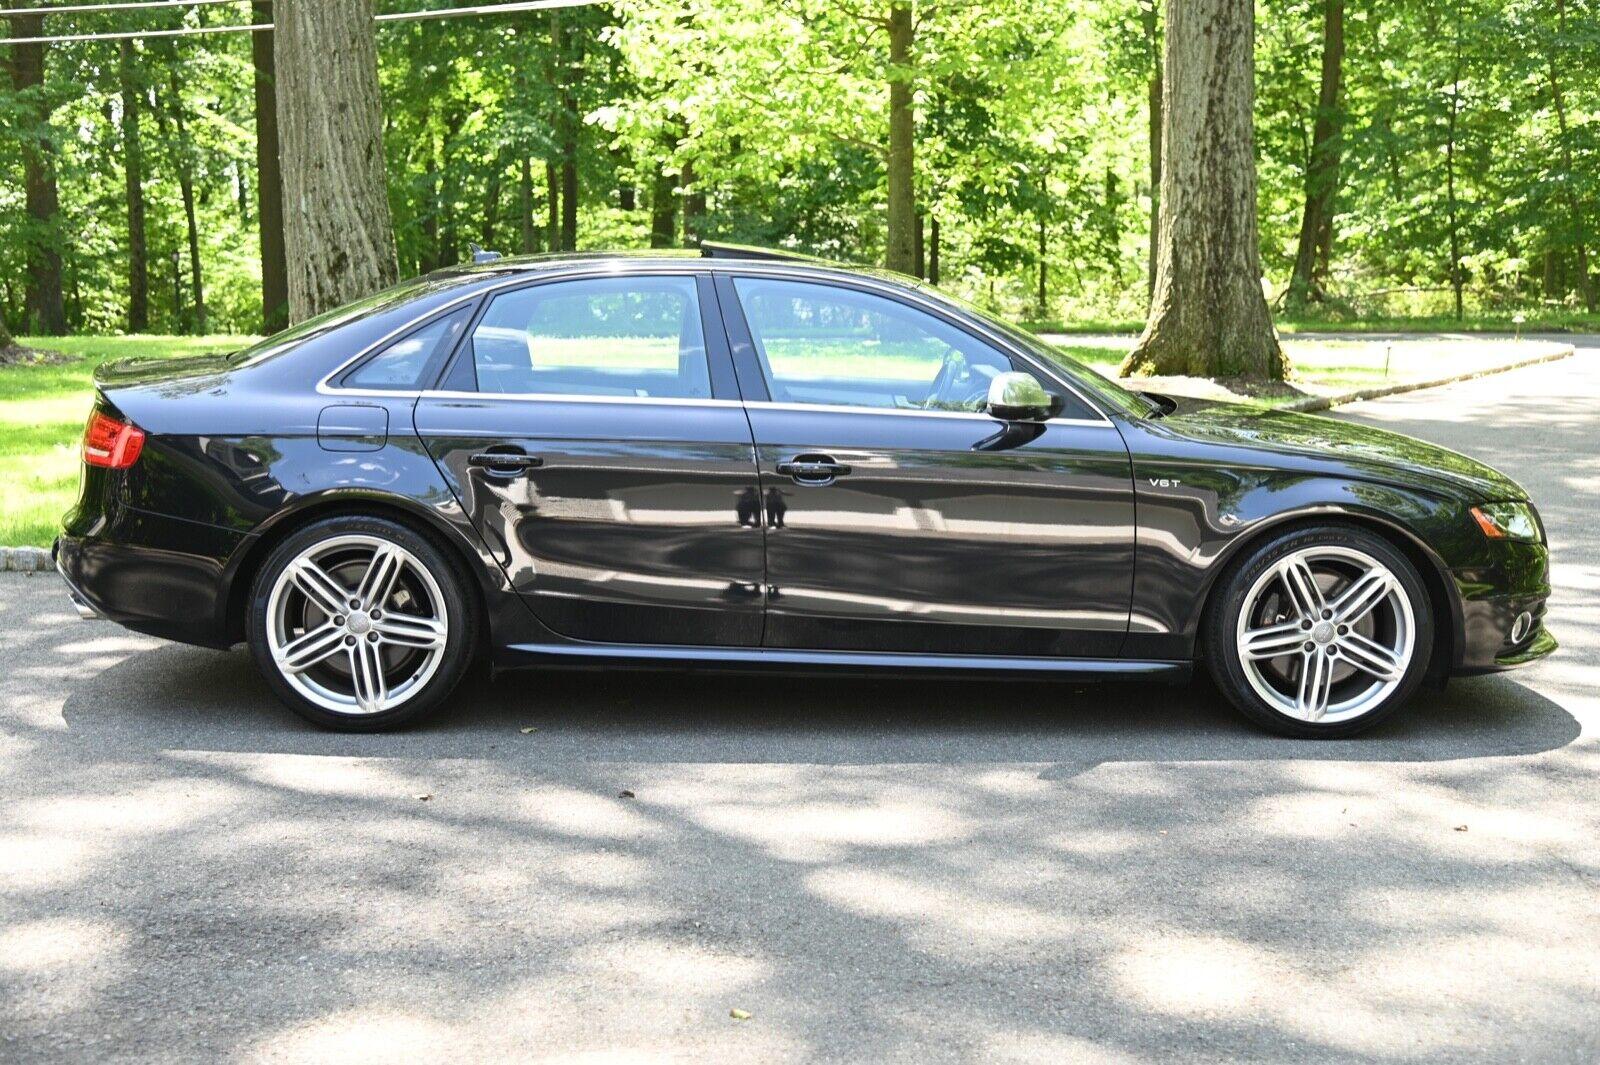 2012 Audi S4 Prestige 2012 B8 Audi S4 Immaculate